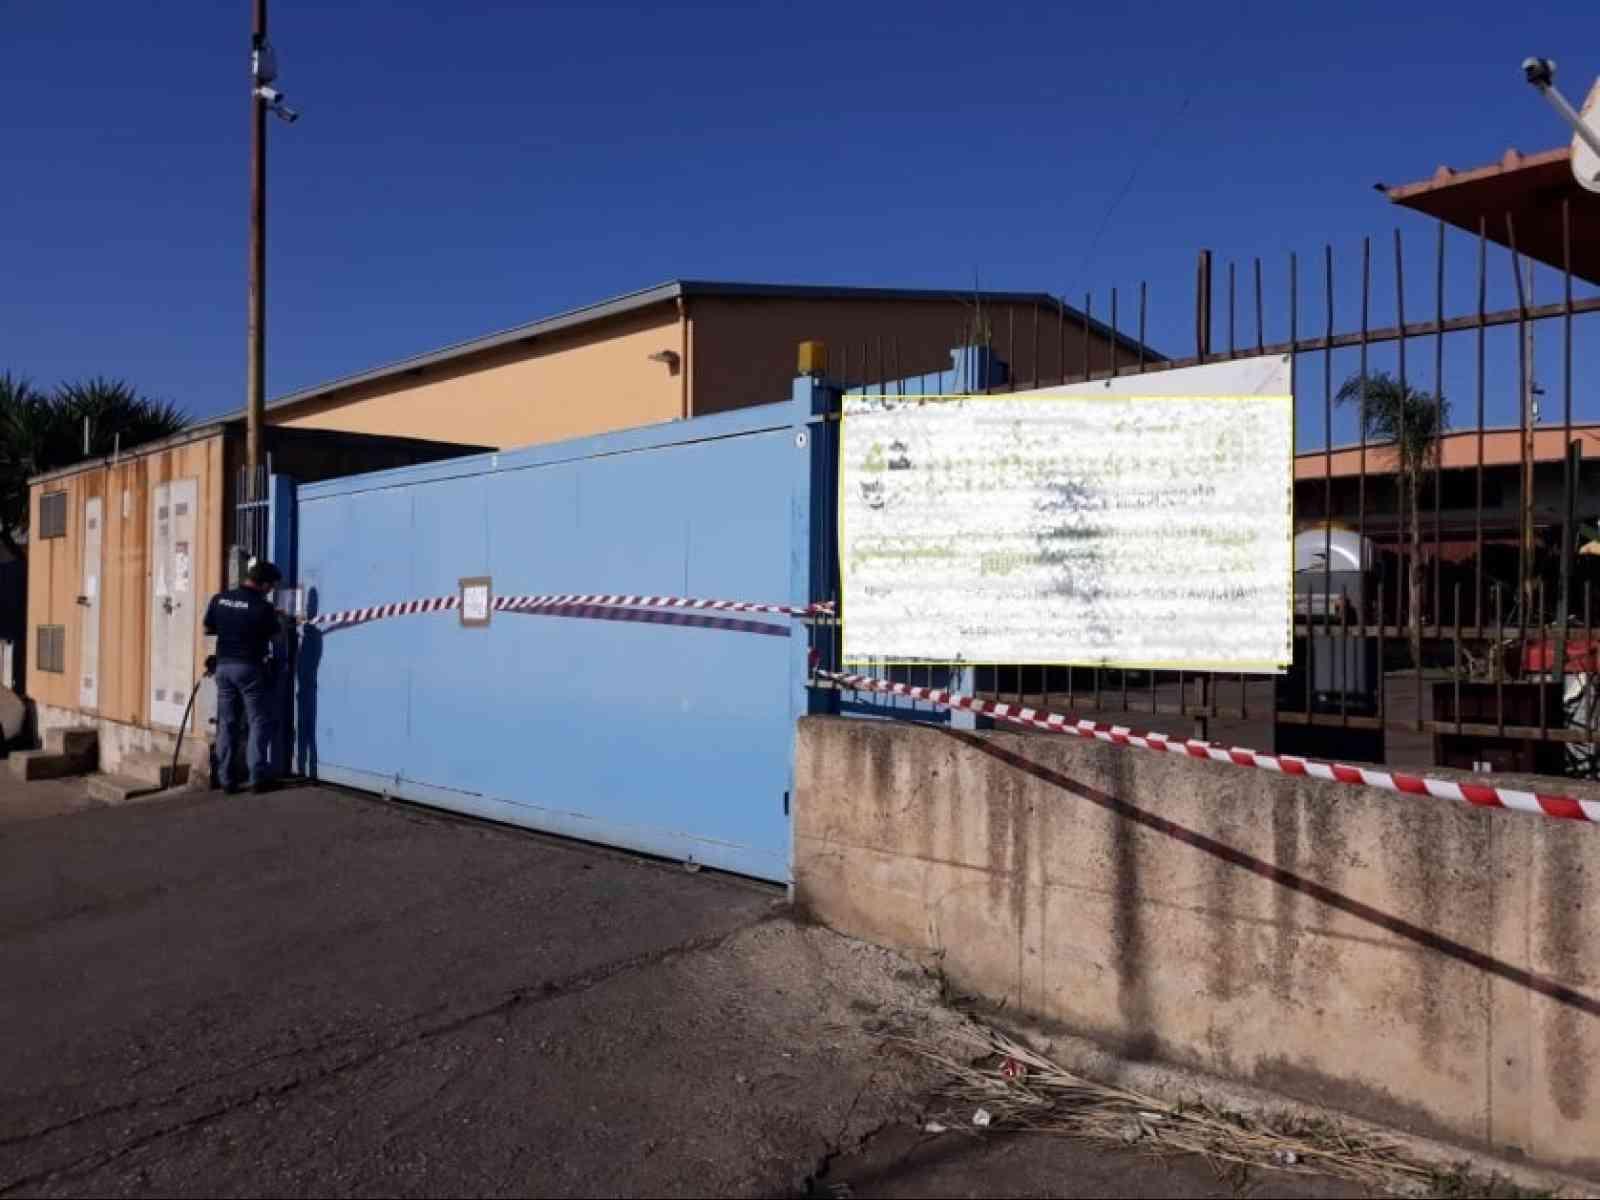 Immagine articolo: Favara, la Polizia di Stato sequestra impianto di demolizione e area per inquinamento ambientale. Ecco cosa non funzionava